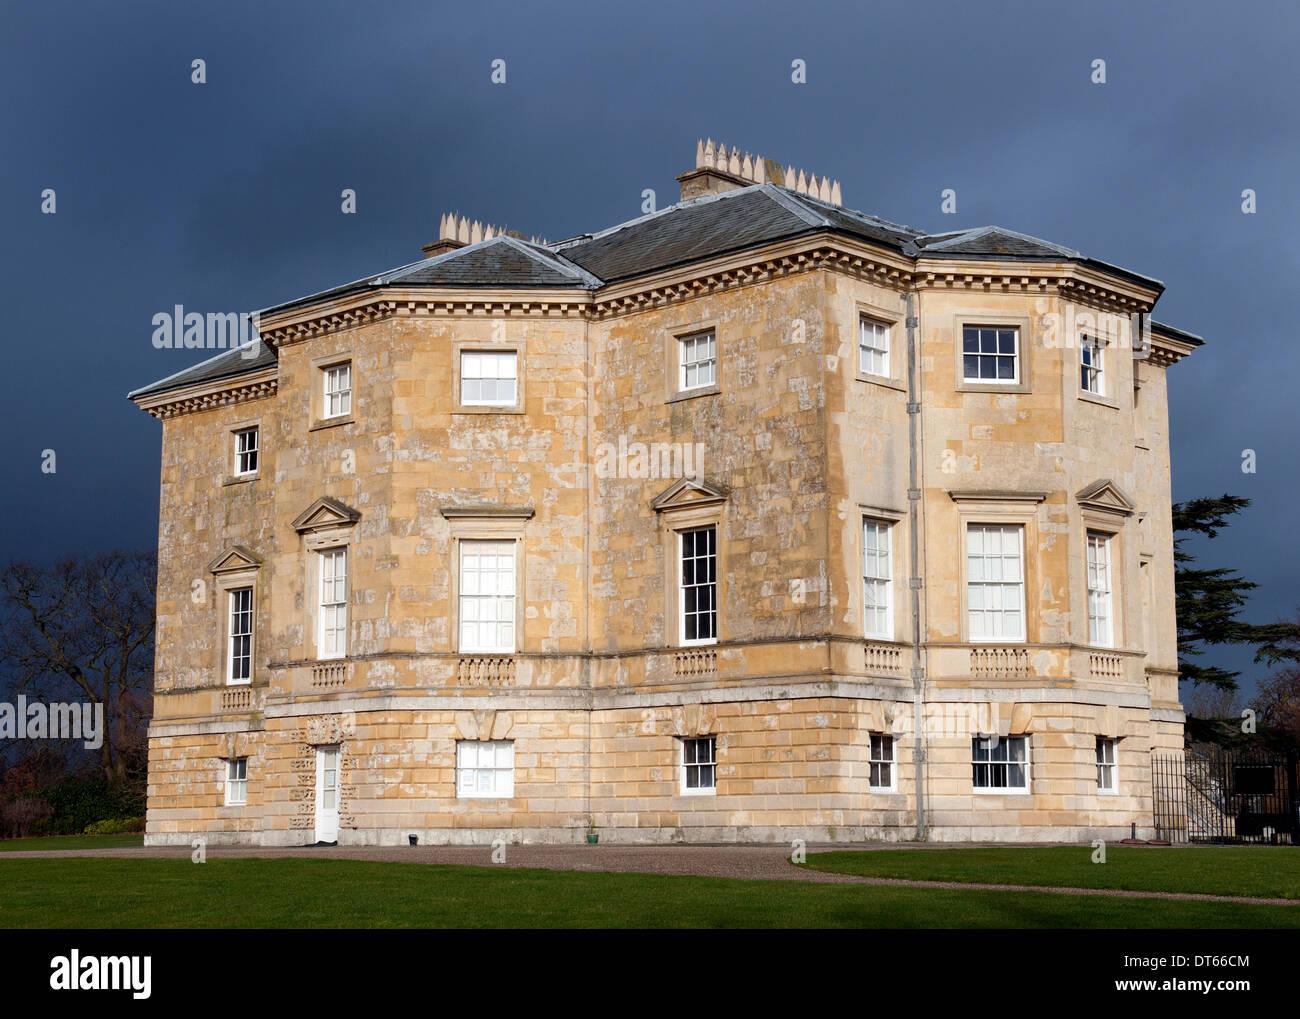 Danson House di Danson Park, Bexley, nel sud est di Londra, Inghilterra, Regno Unito. Immagini Stock